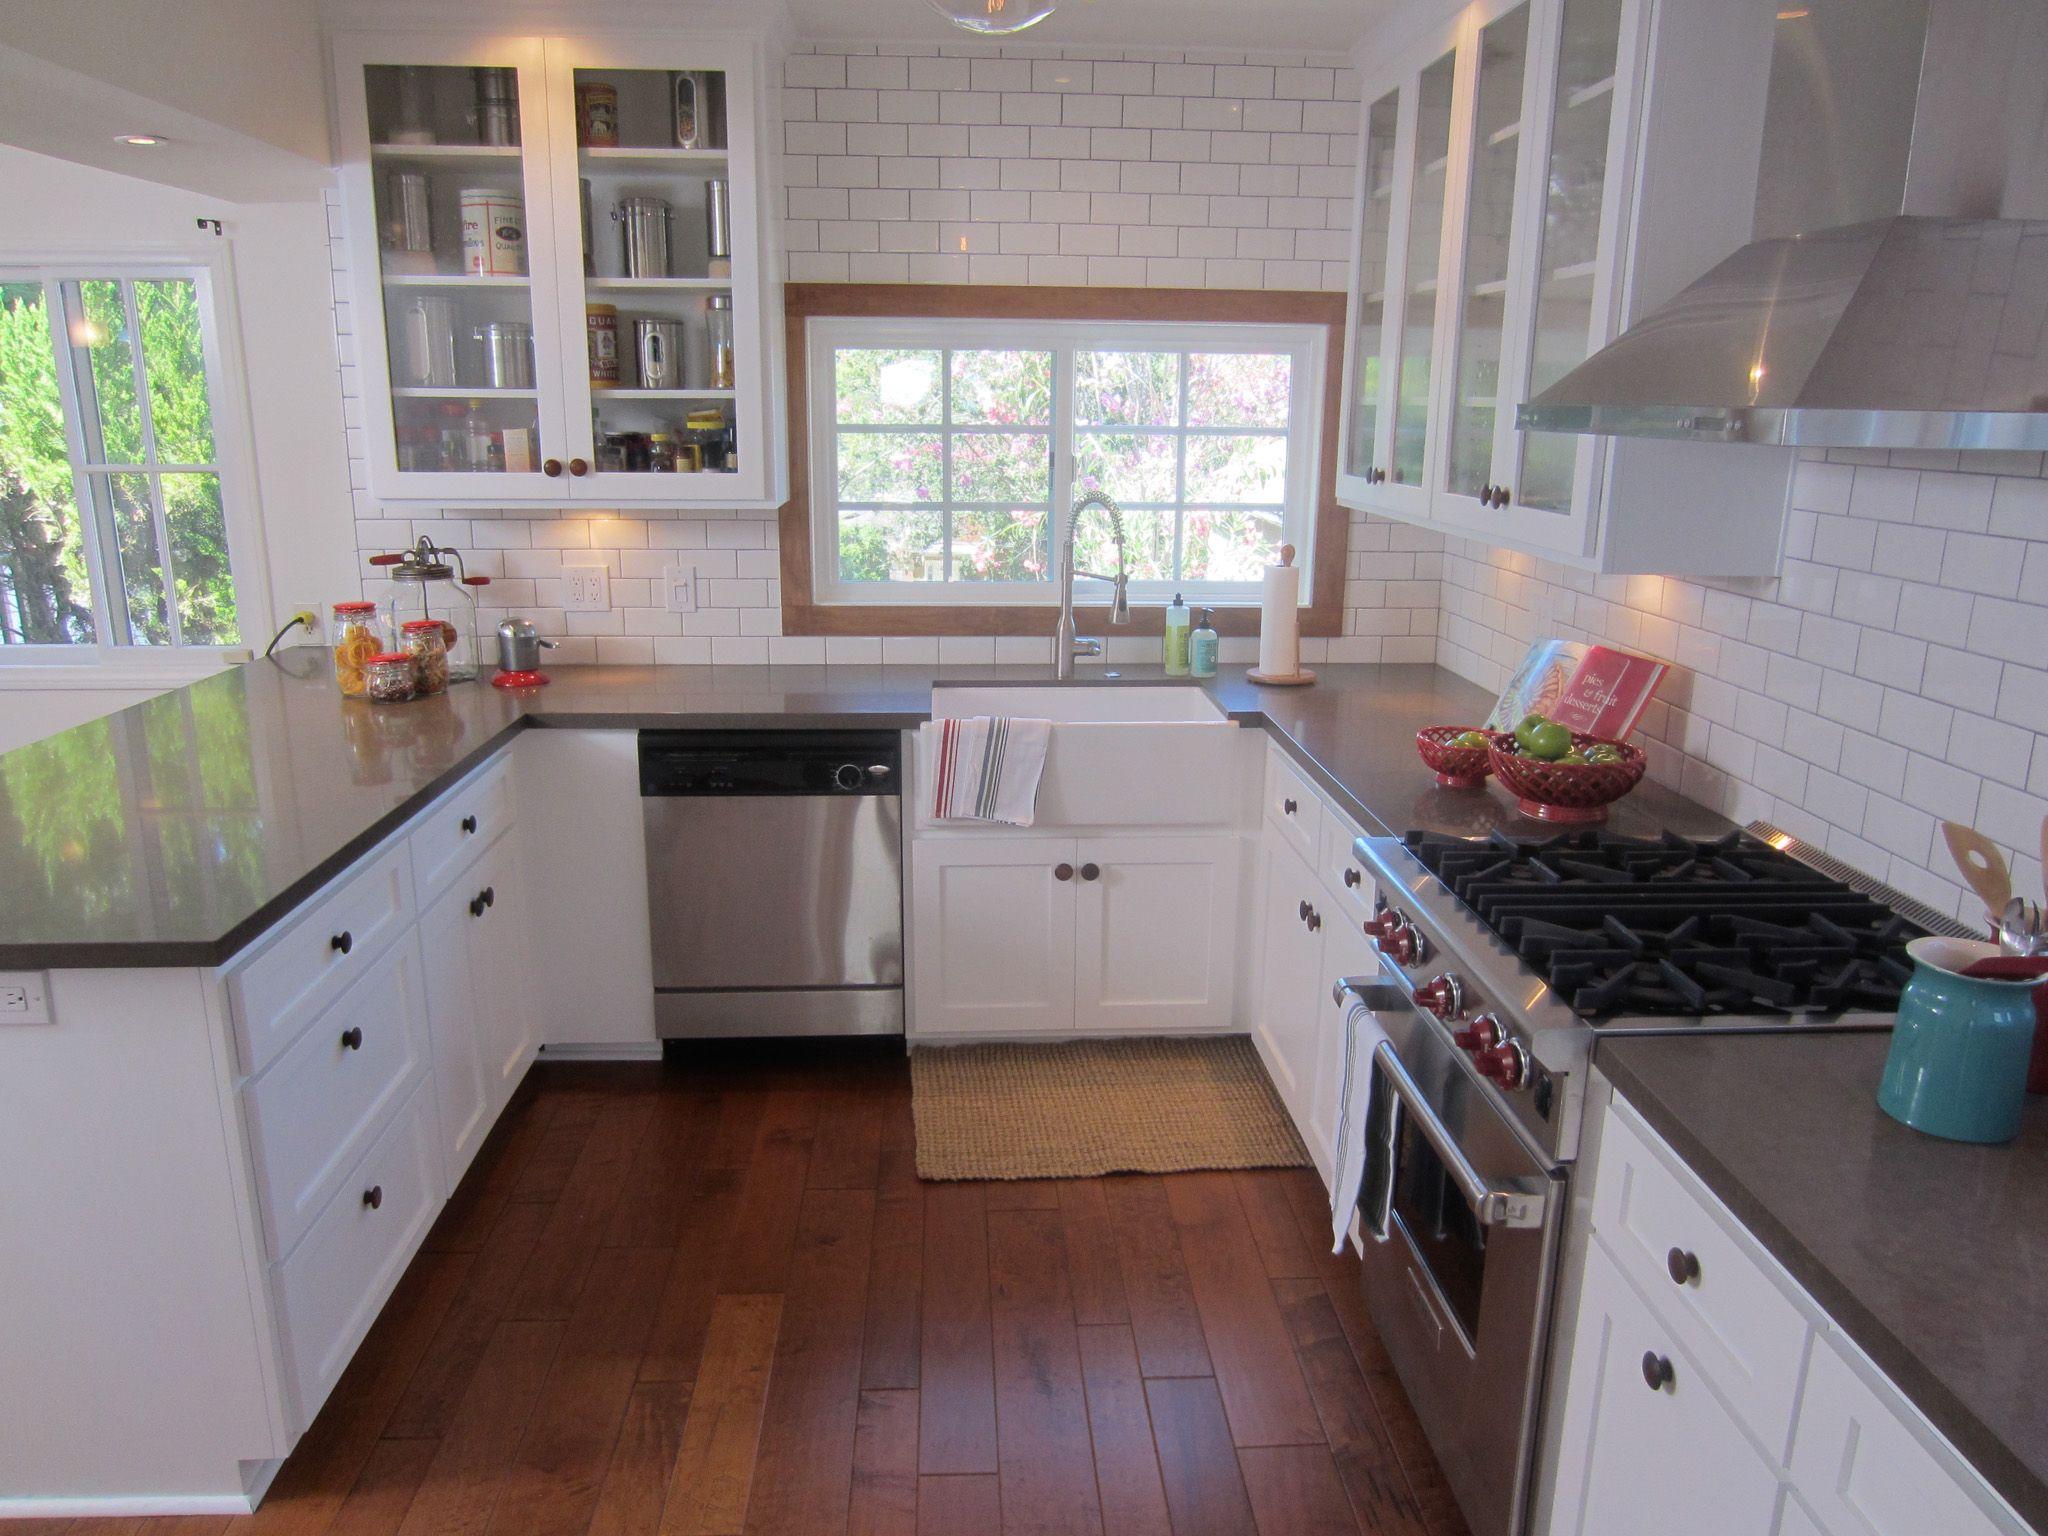 Hgtv Room Kitchen Dark Counter Top White Cabinets Wood